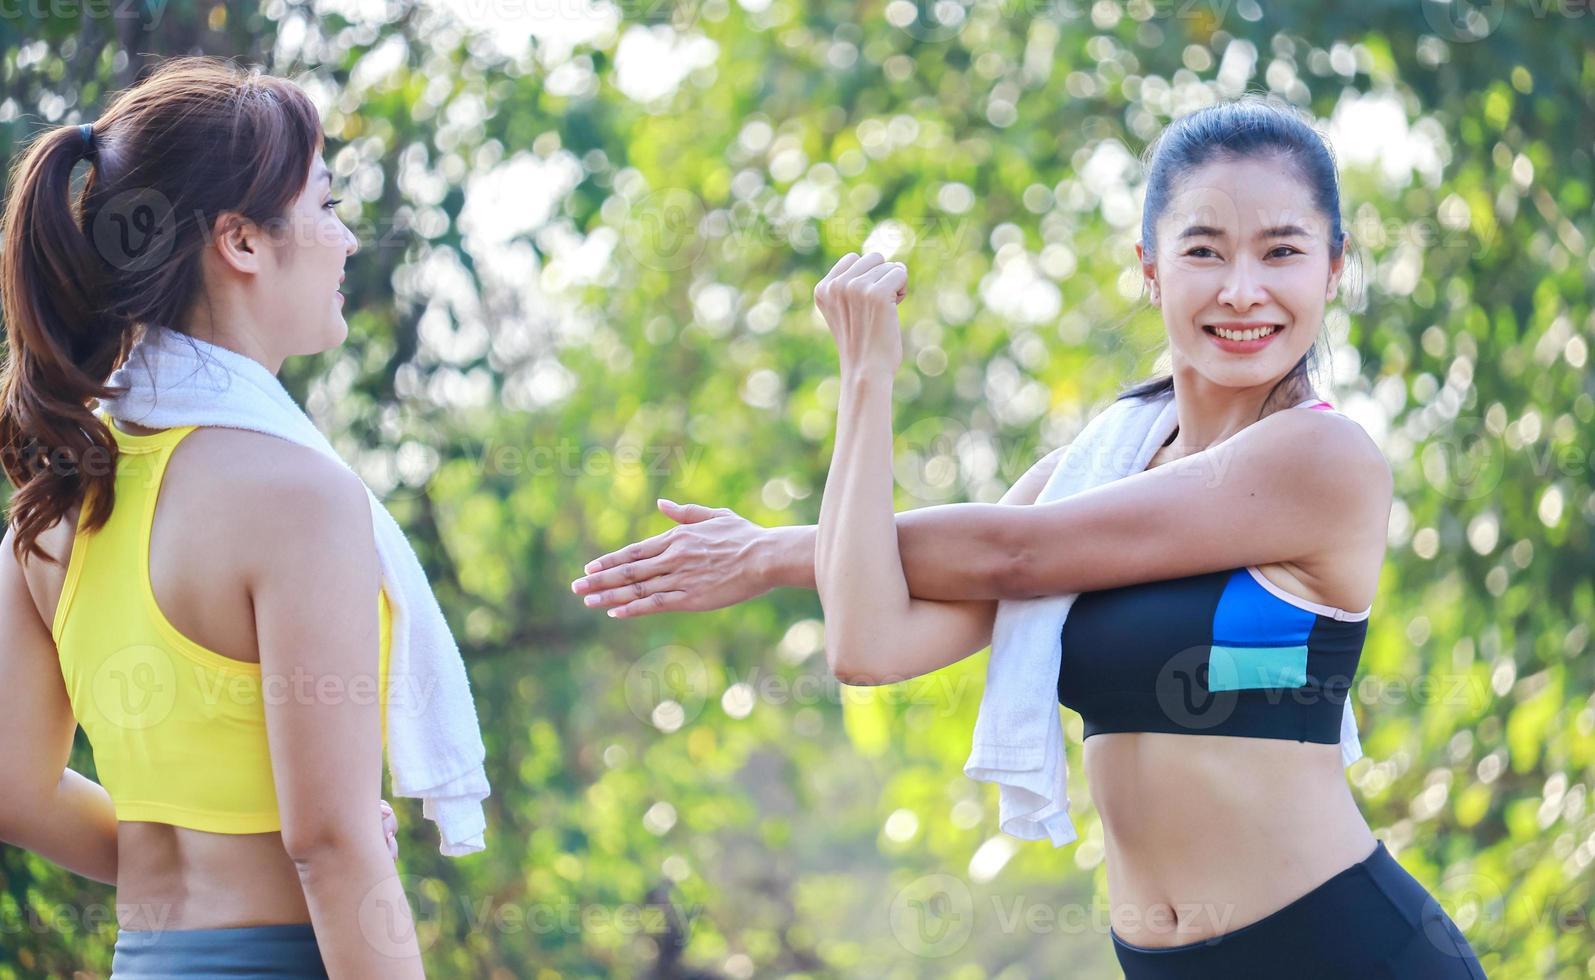 dos hermosas mujeres haciendo ejercicio al aire libre en el parque foto